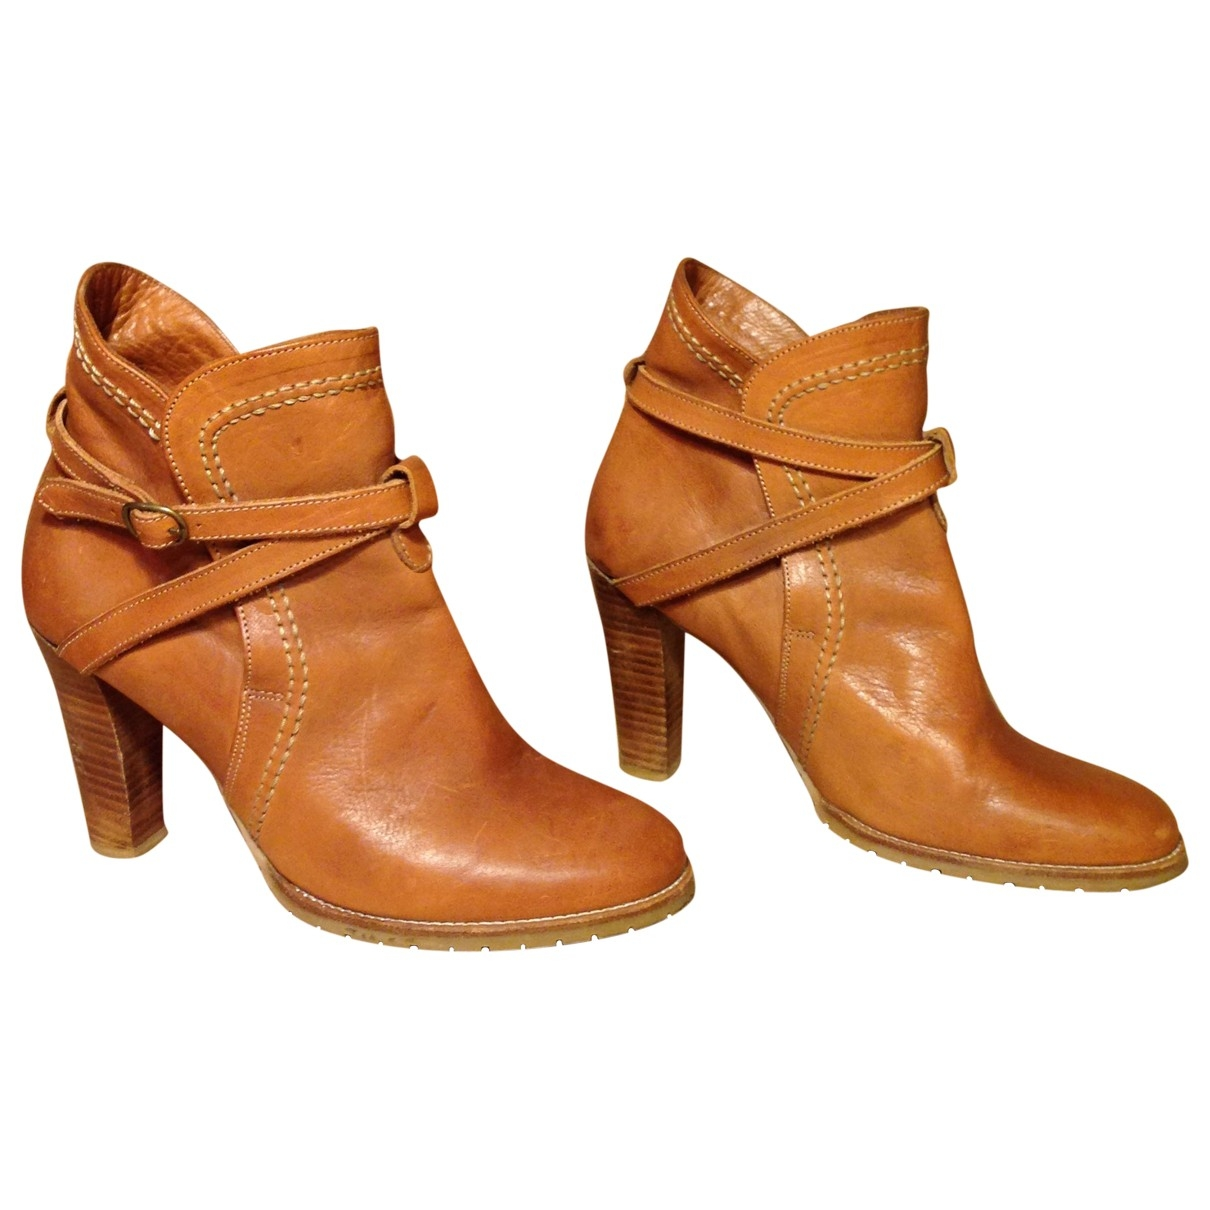 Lemaire - Boots   pour femme en cuir - camel